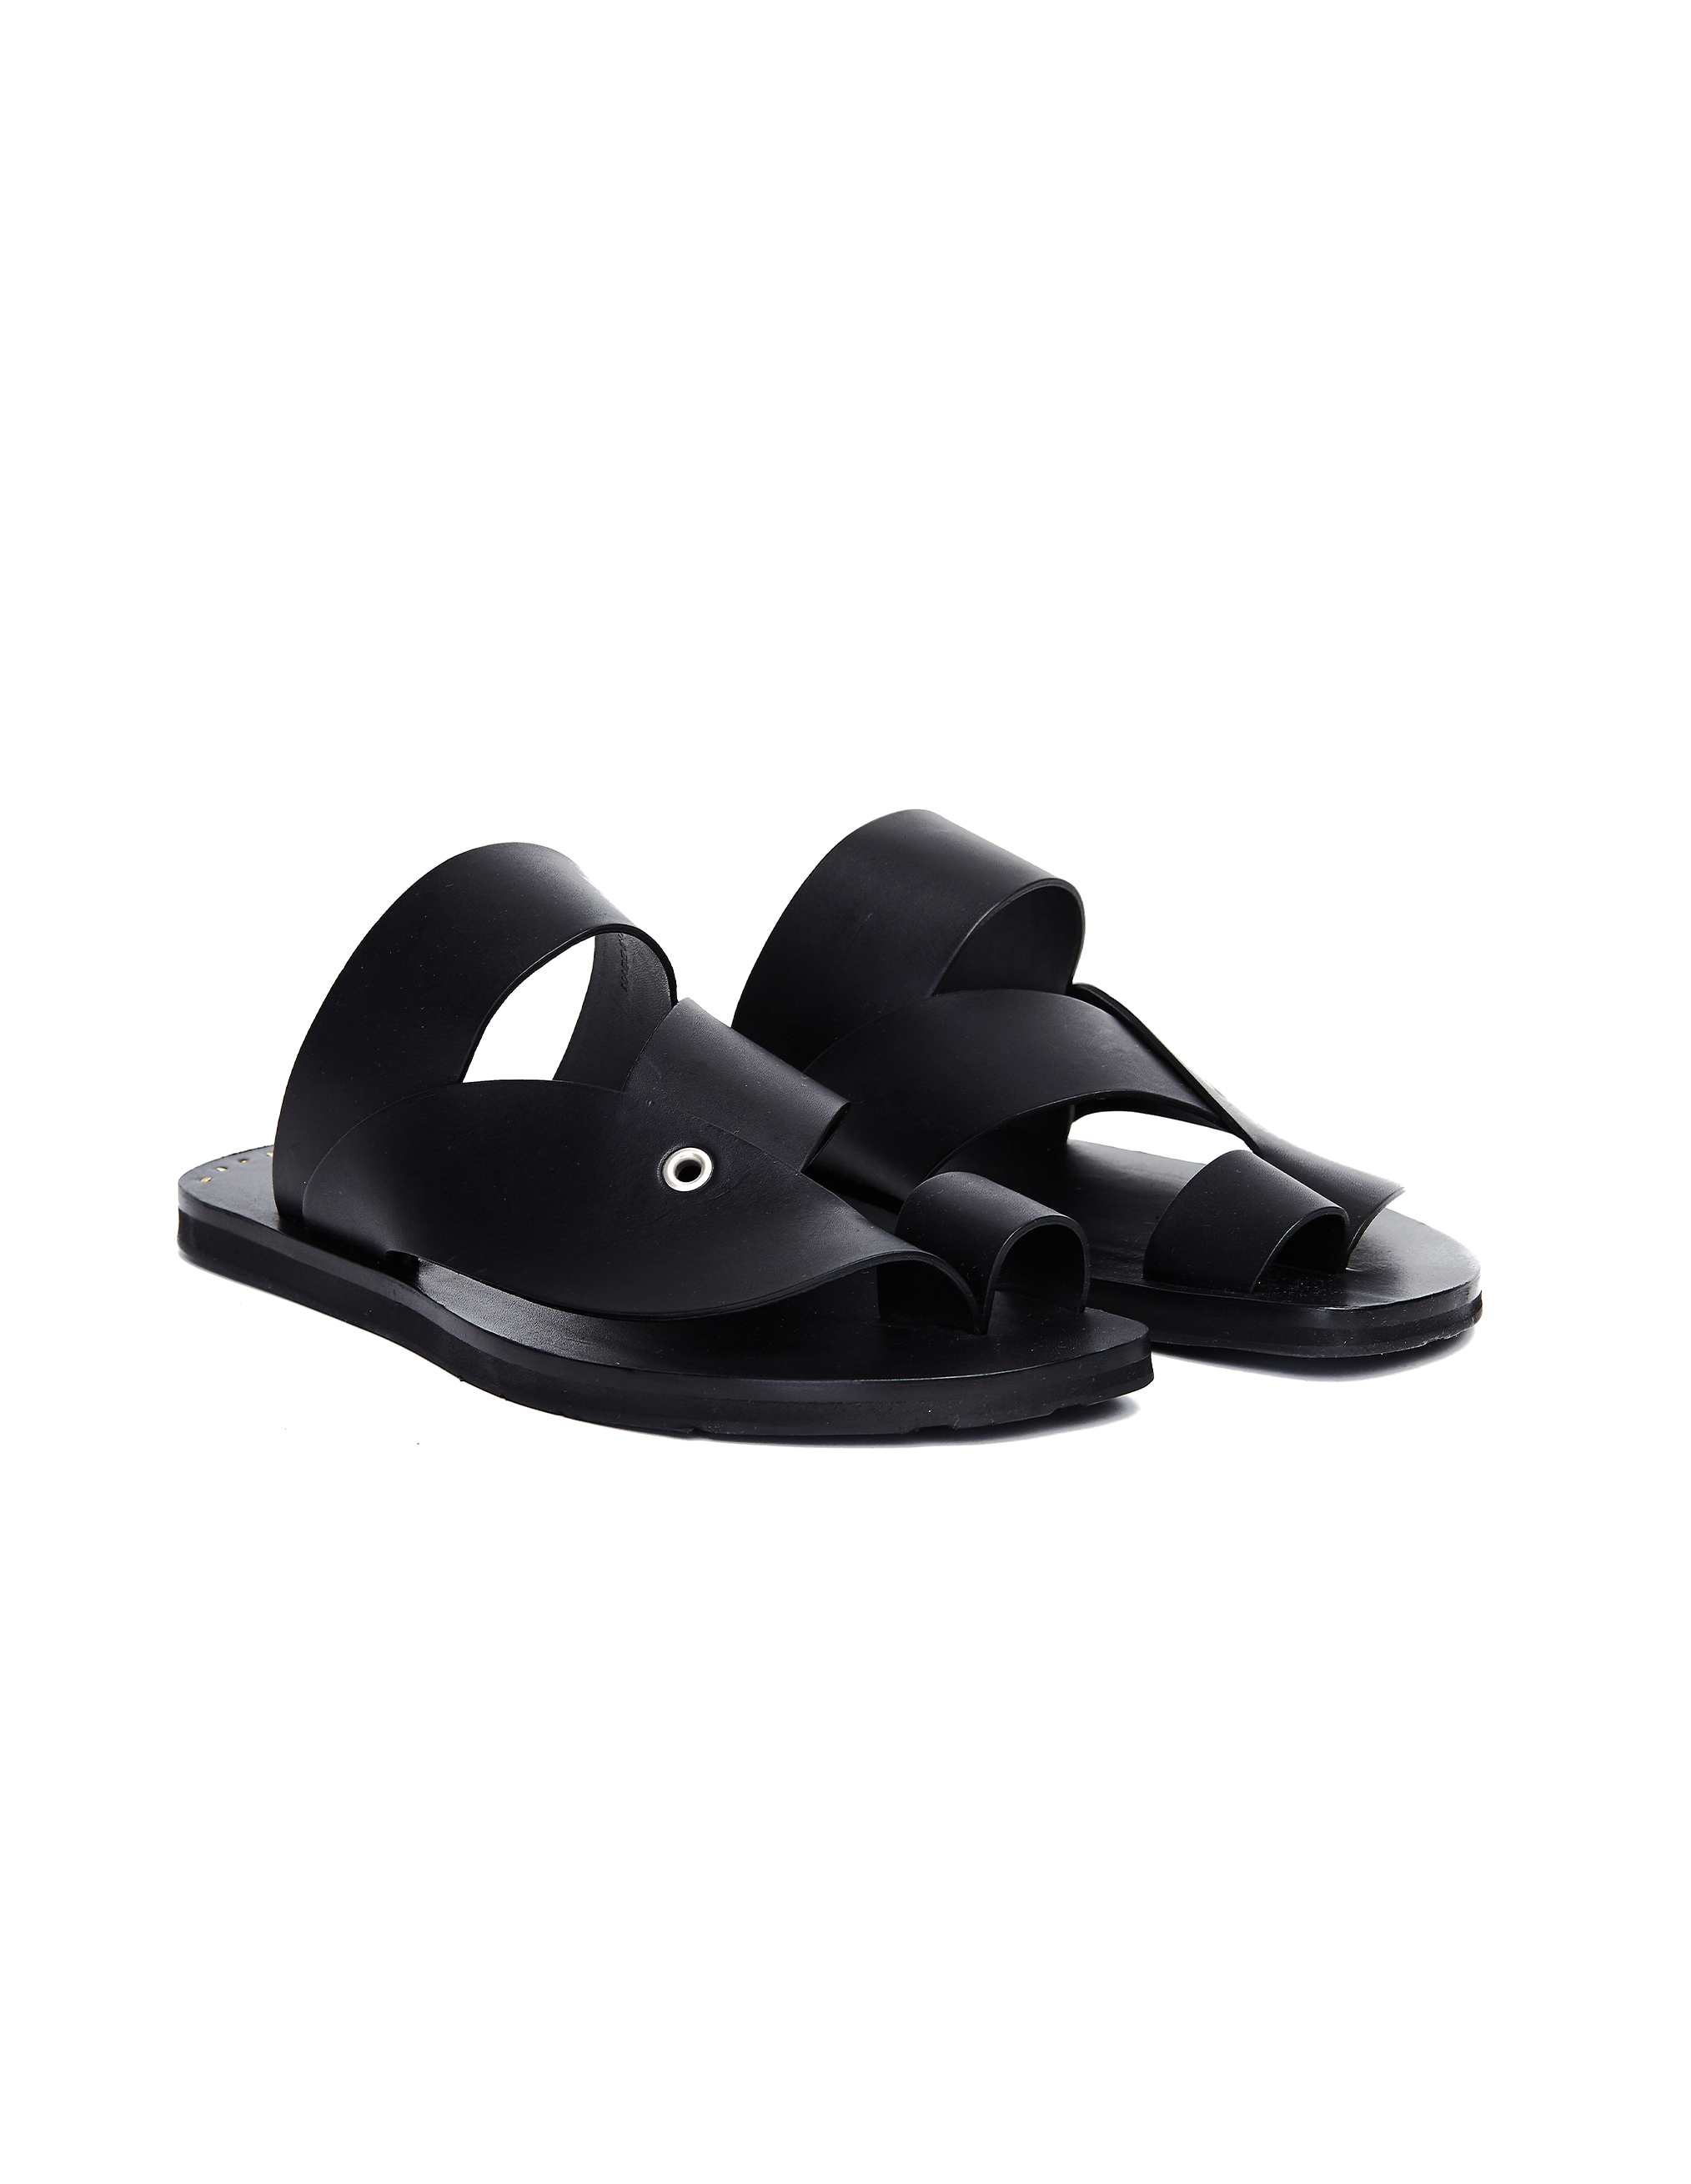 Jil Sander Black Leather Sandals